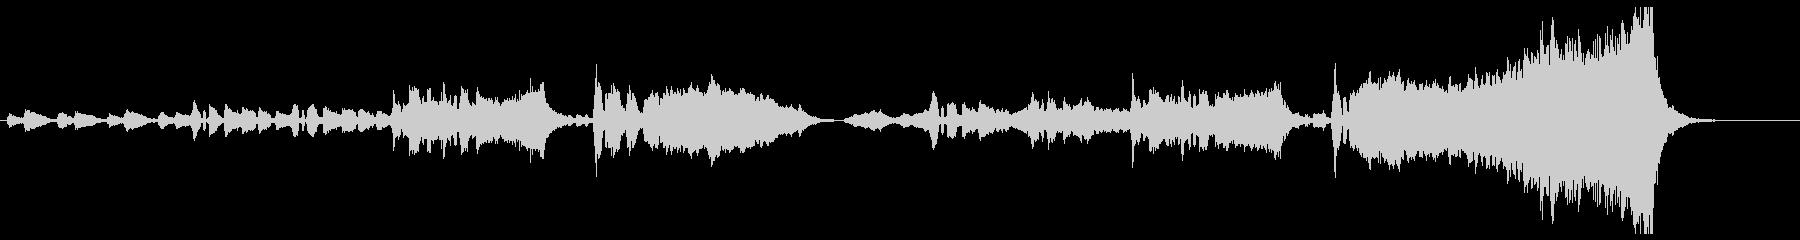 オーケストラのハッピーバースデーの未再生の波形